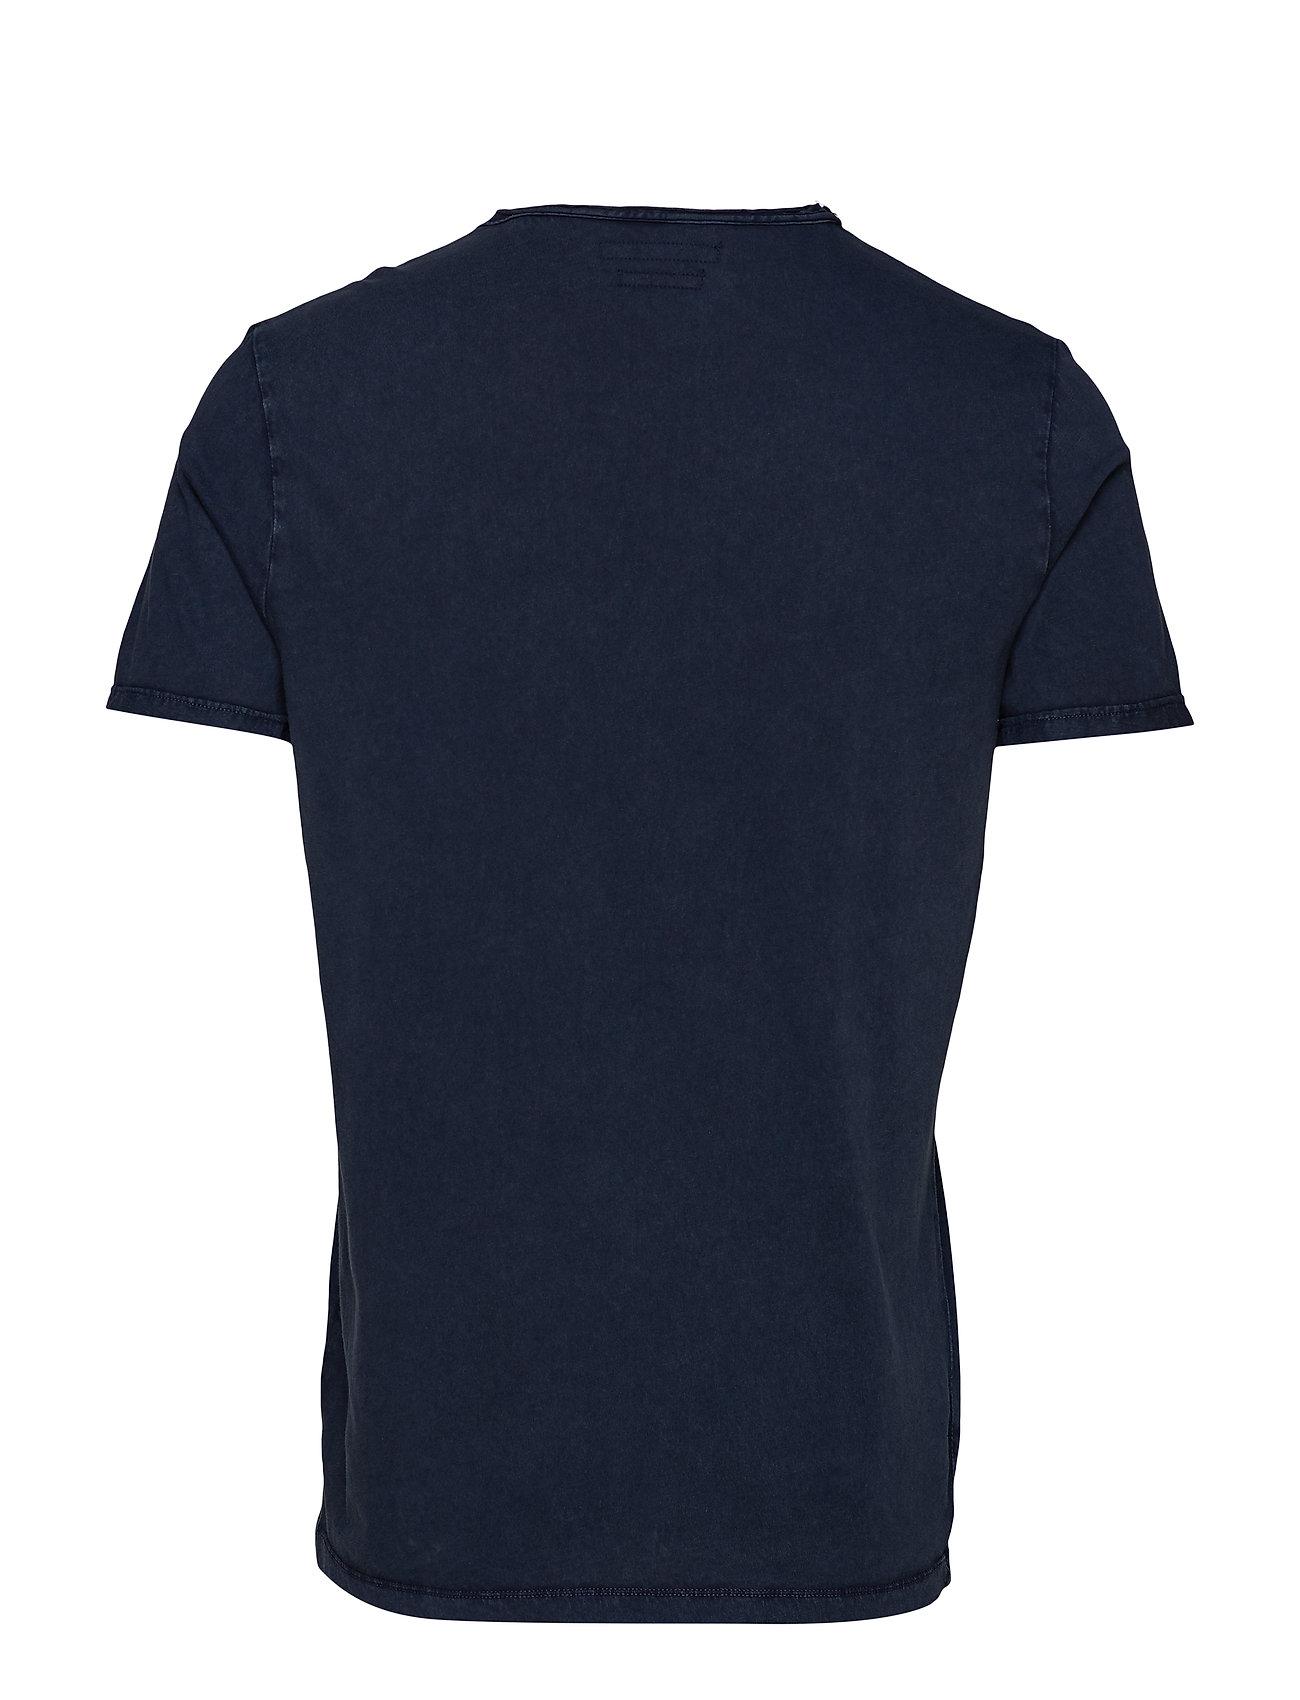 O'polo shirt T Sleevetotal Short EclipseMarc tQCdshrx